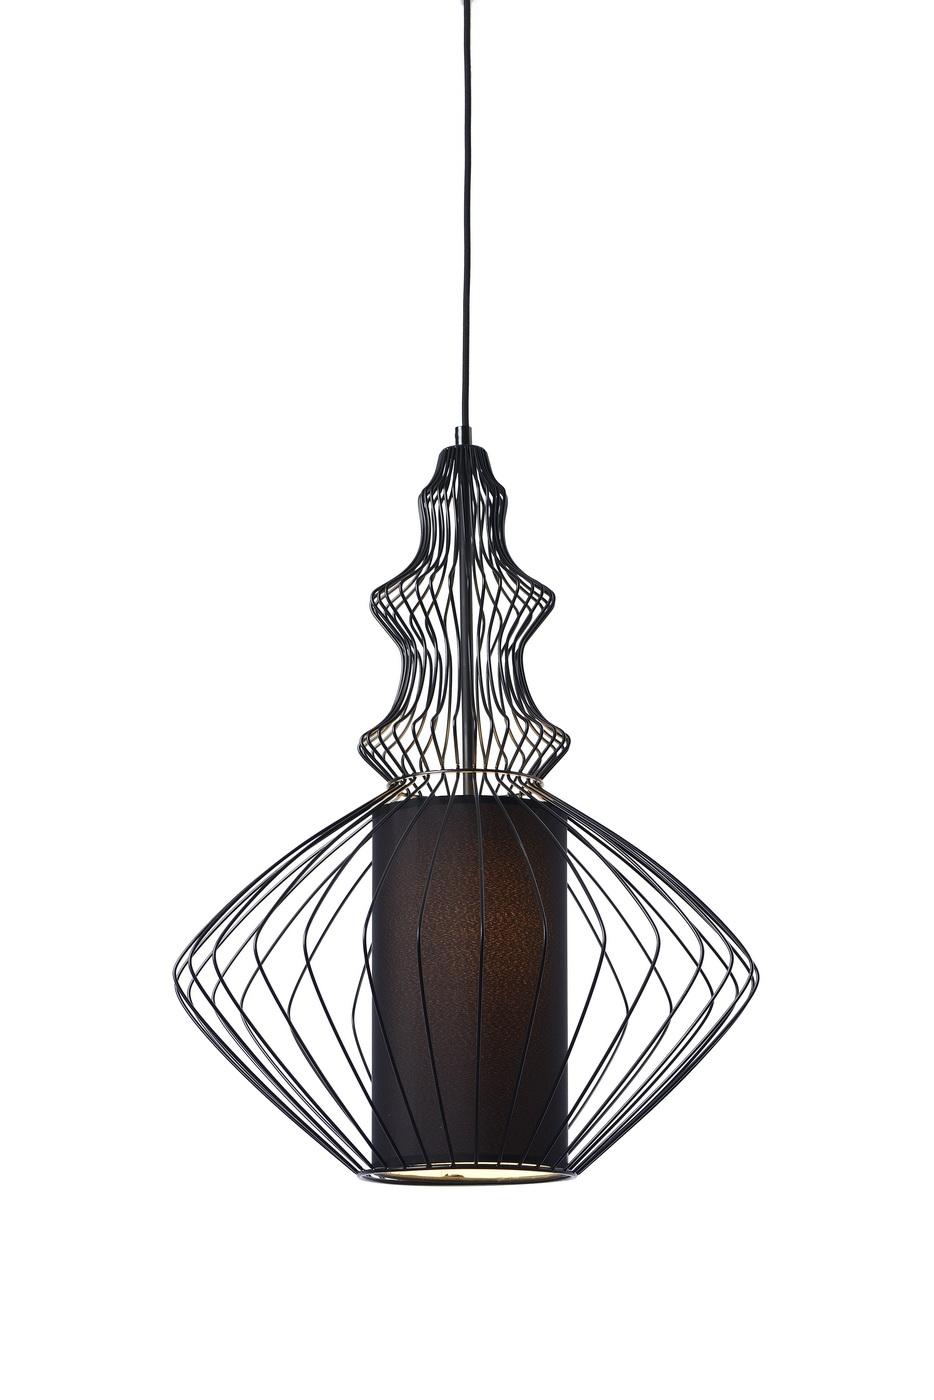 {} CRYSTAL LIGHT Светильник подвесной Opium Цвет: Черный (37х50 см)